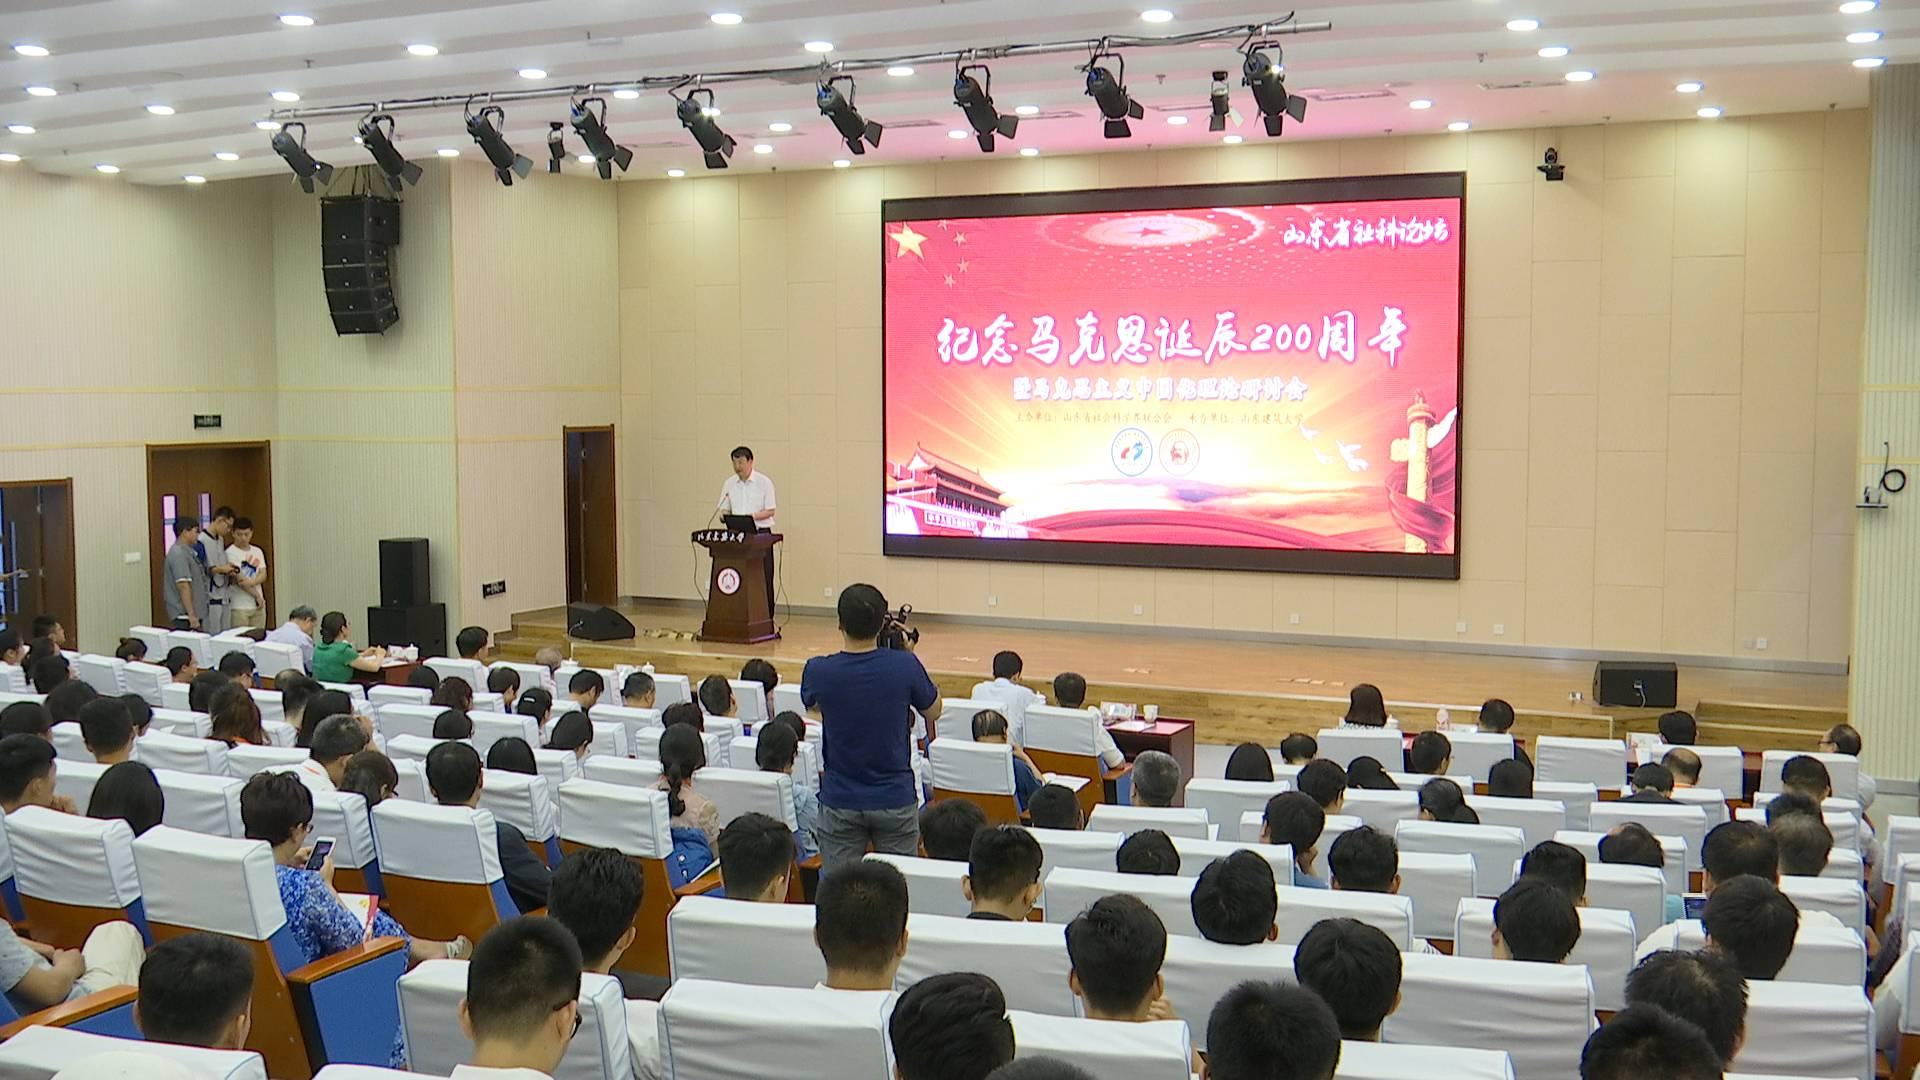 山东社科论坛—纪念马克思诞辰200周年暨马克思主义中国化理论研讨会在济南举行